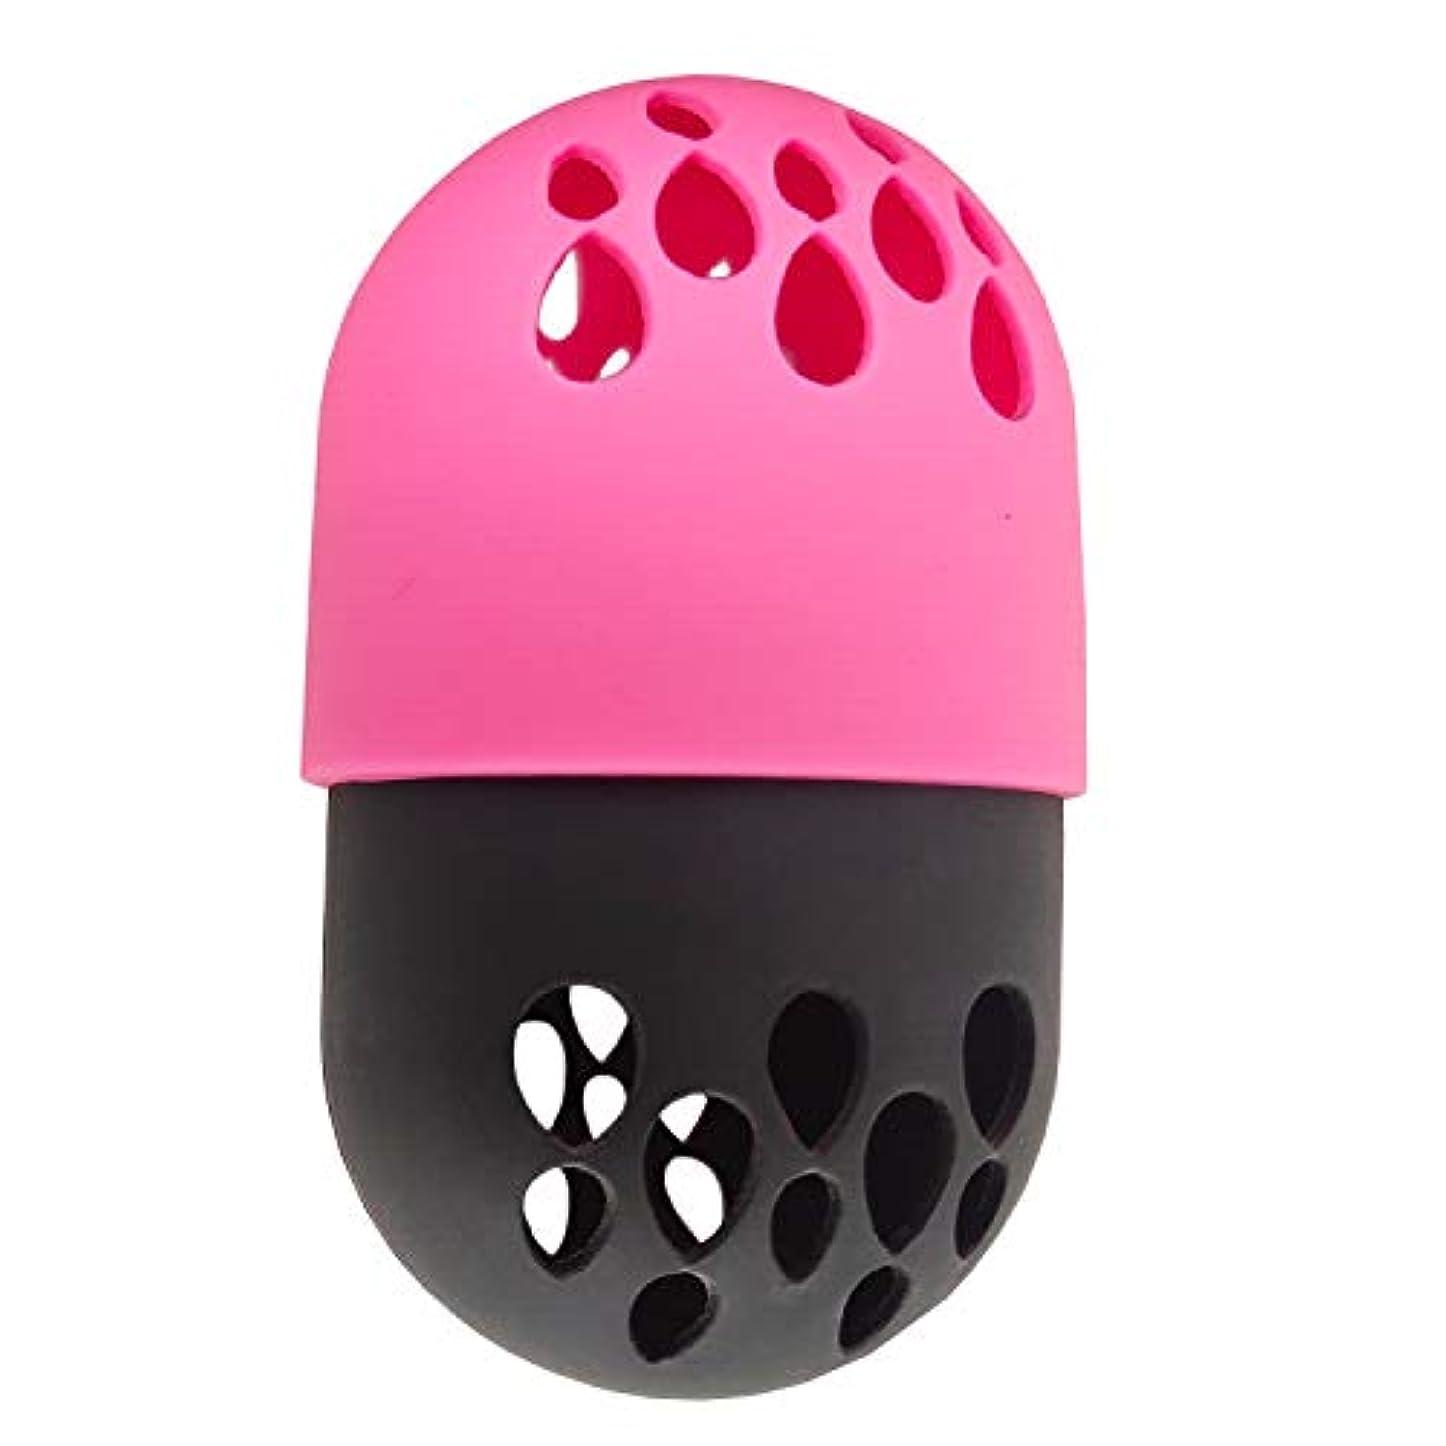 リファインフォーカス思想美容スポンジ収納ケース、通気性を柔らか美容スポンジ シリコン旅行 キャリングケース、小型軽量 あらゆる化粧スポンジ適用 (ピンク)